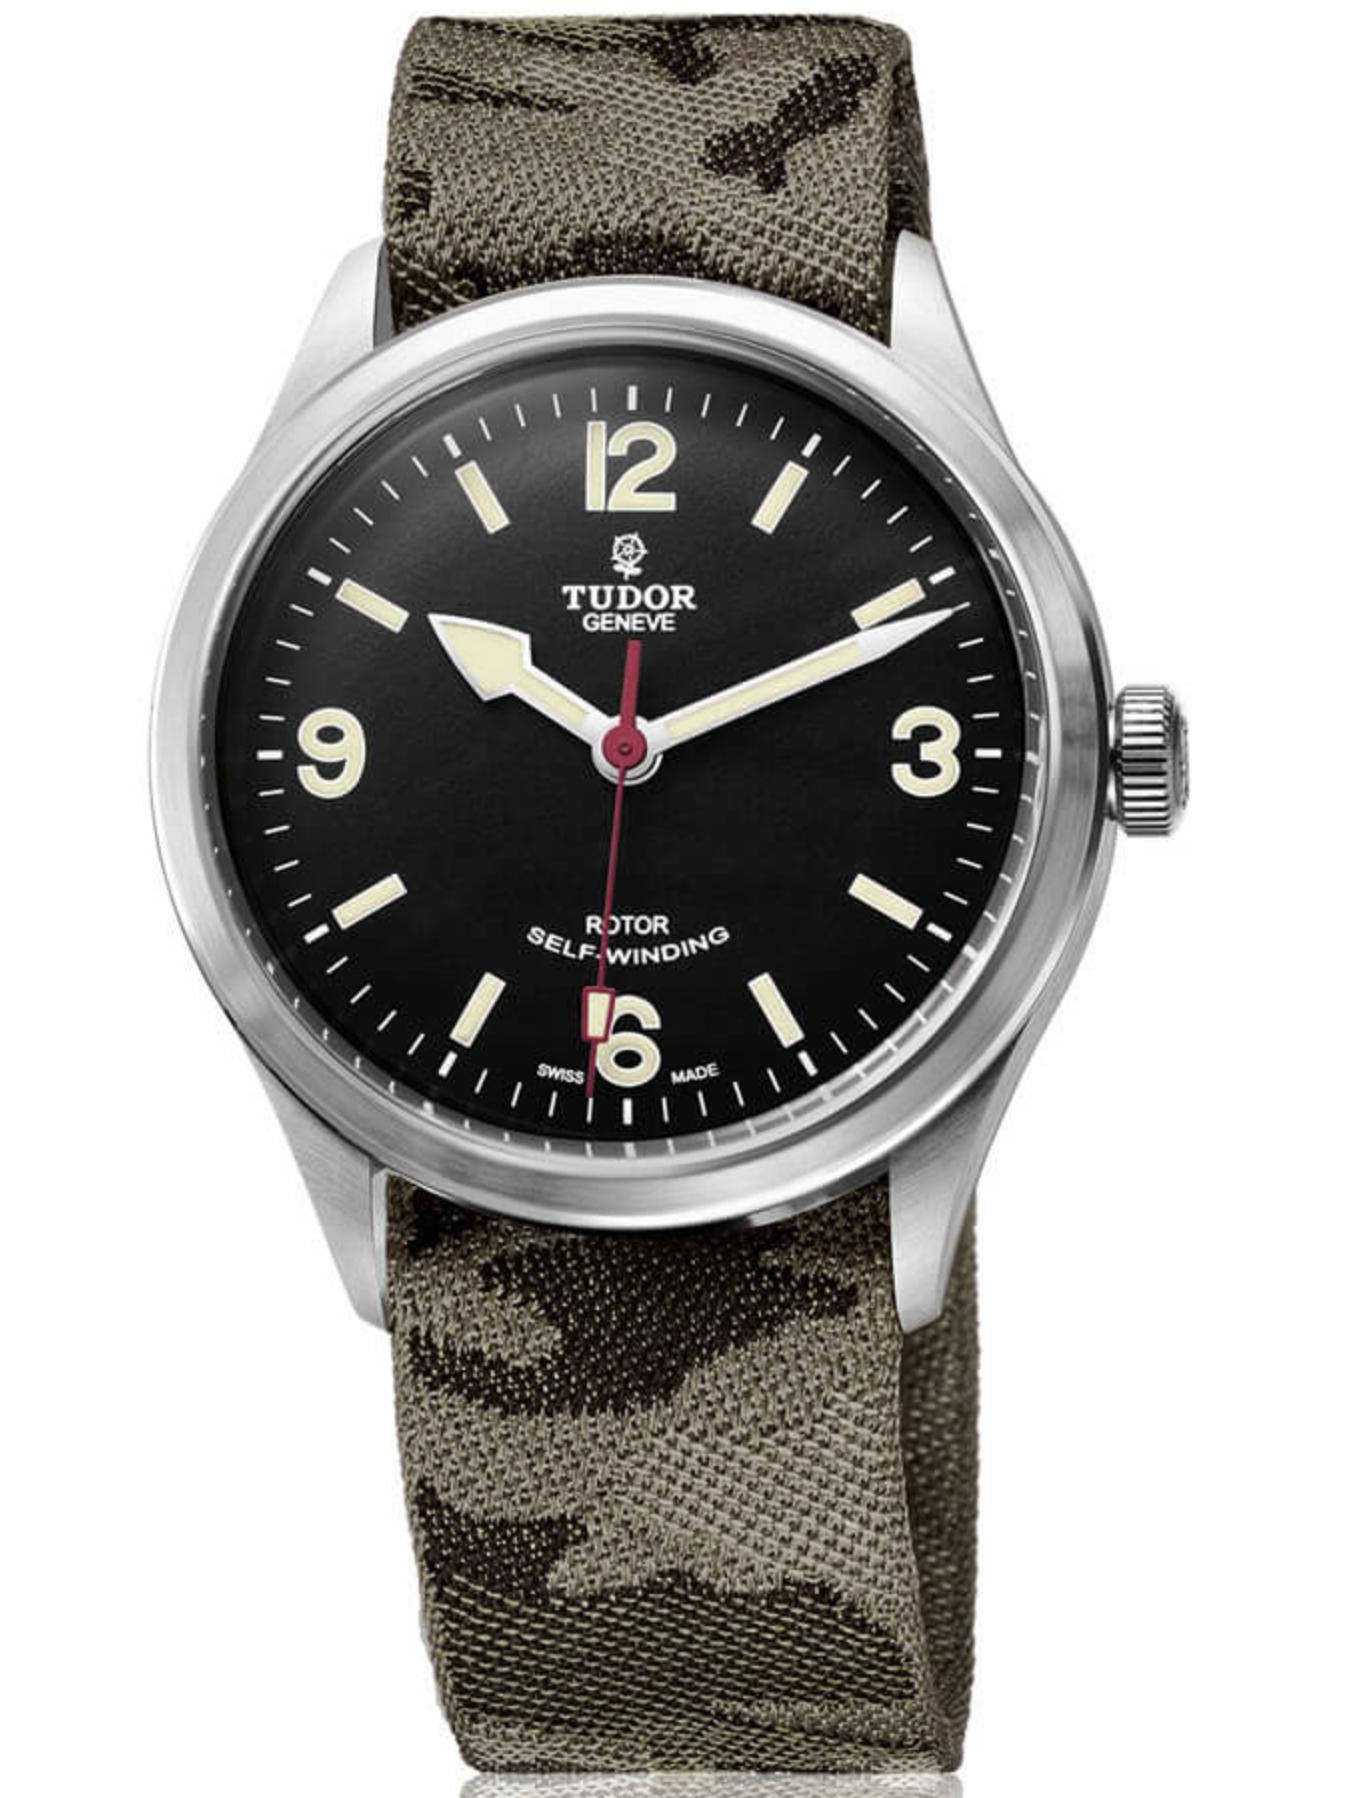 帝舵碧湾系列M79730-0004腕表